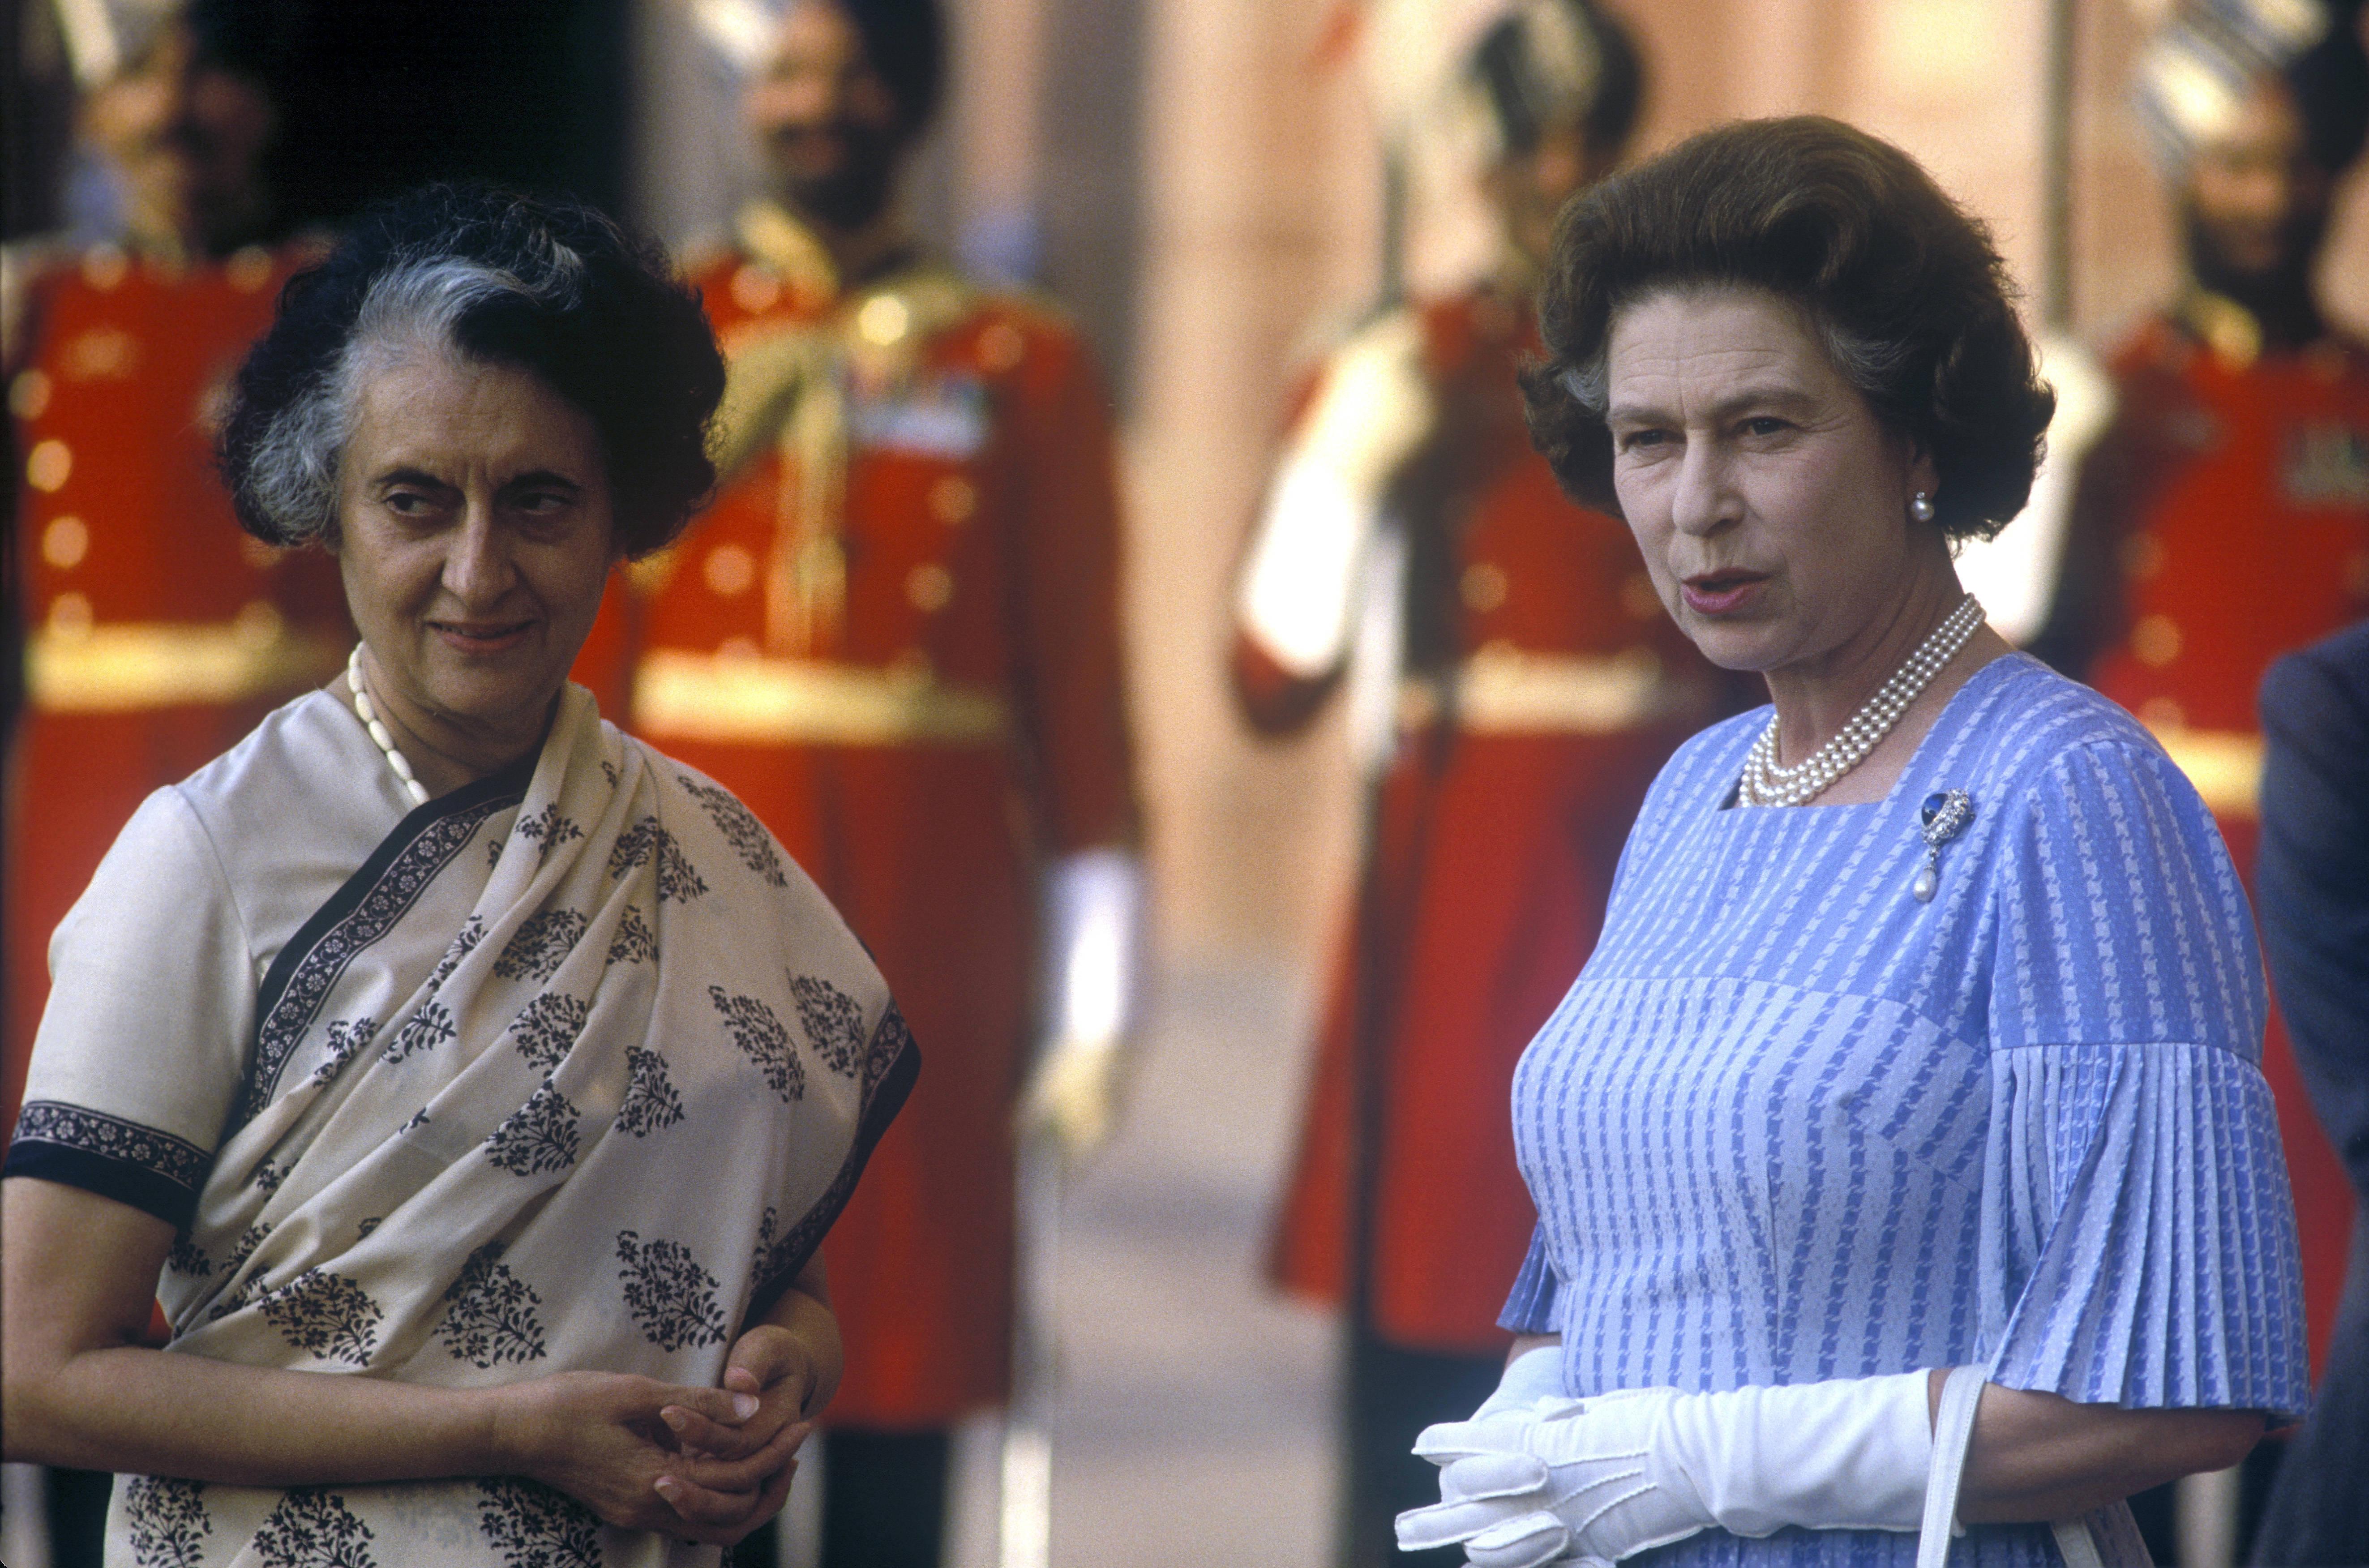 Indira Gandhi és II. Erzsébet királynő 1983-ban (fotó: John Shelley Collection/Avalon/Getty Images)